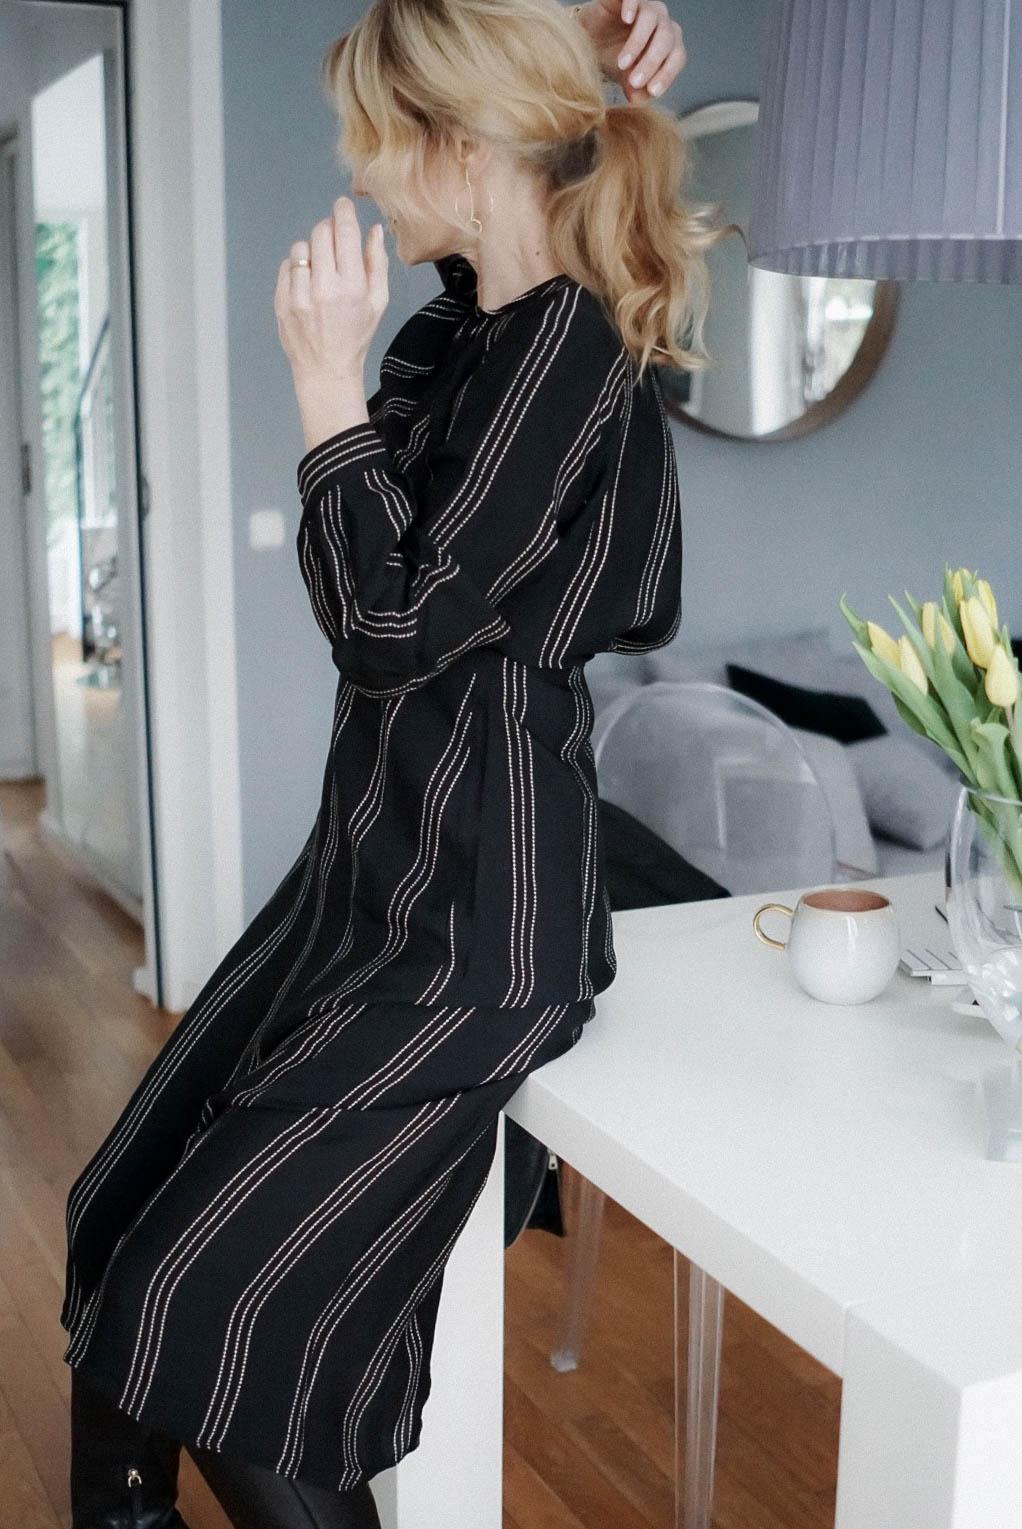 Midikleid im Winter kombinieren-Kleid von H&M-Nowshine Fashion über 40